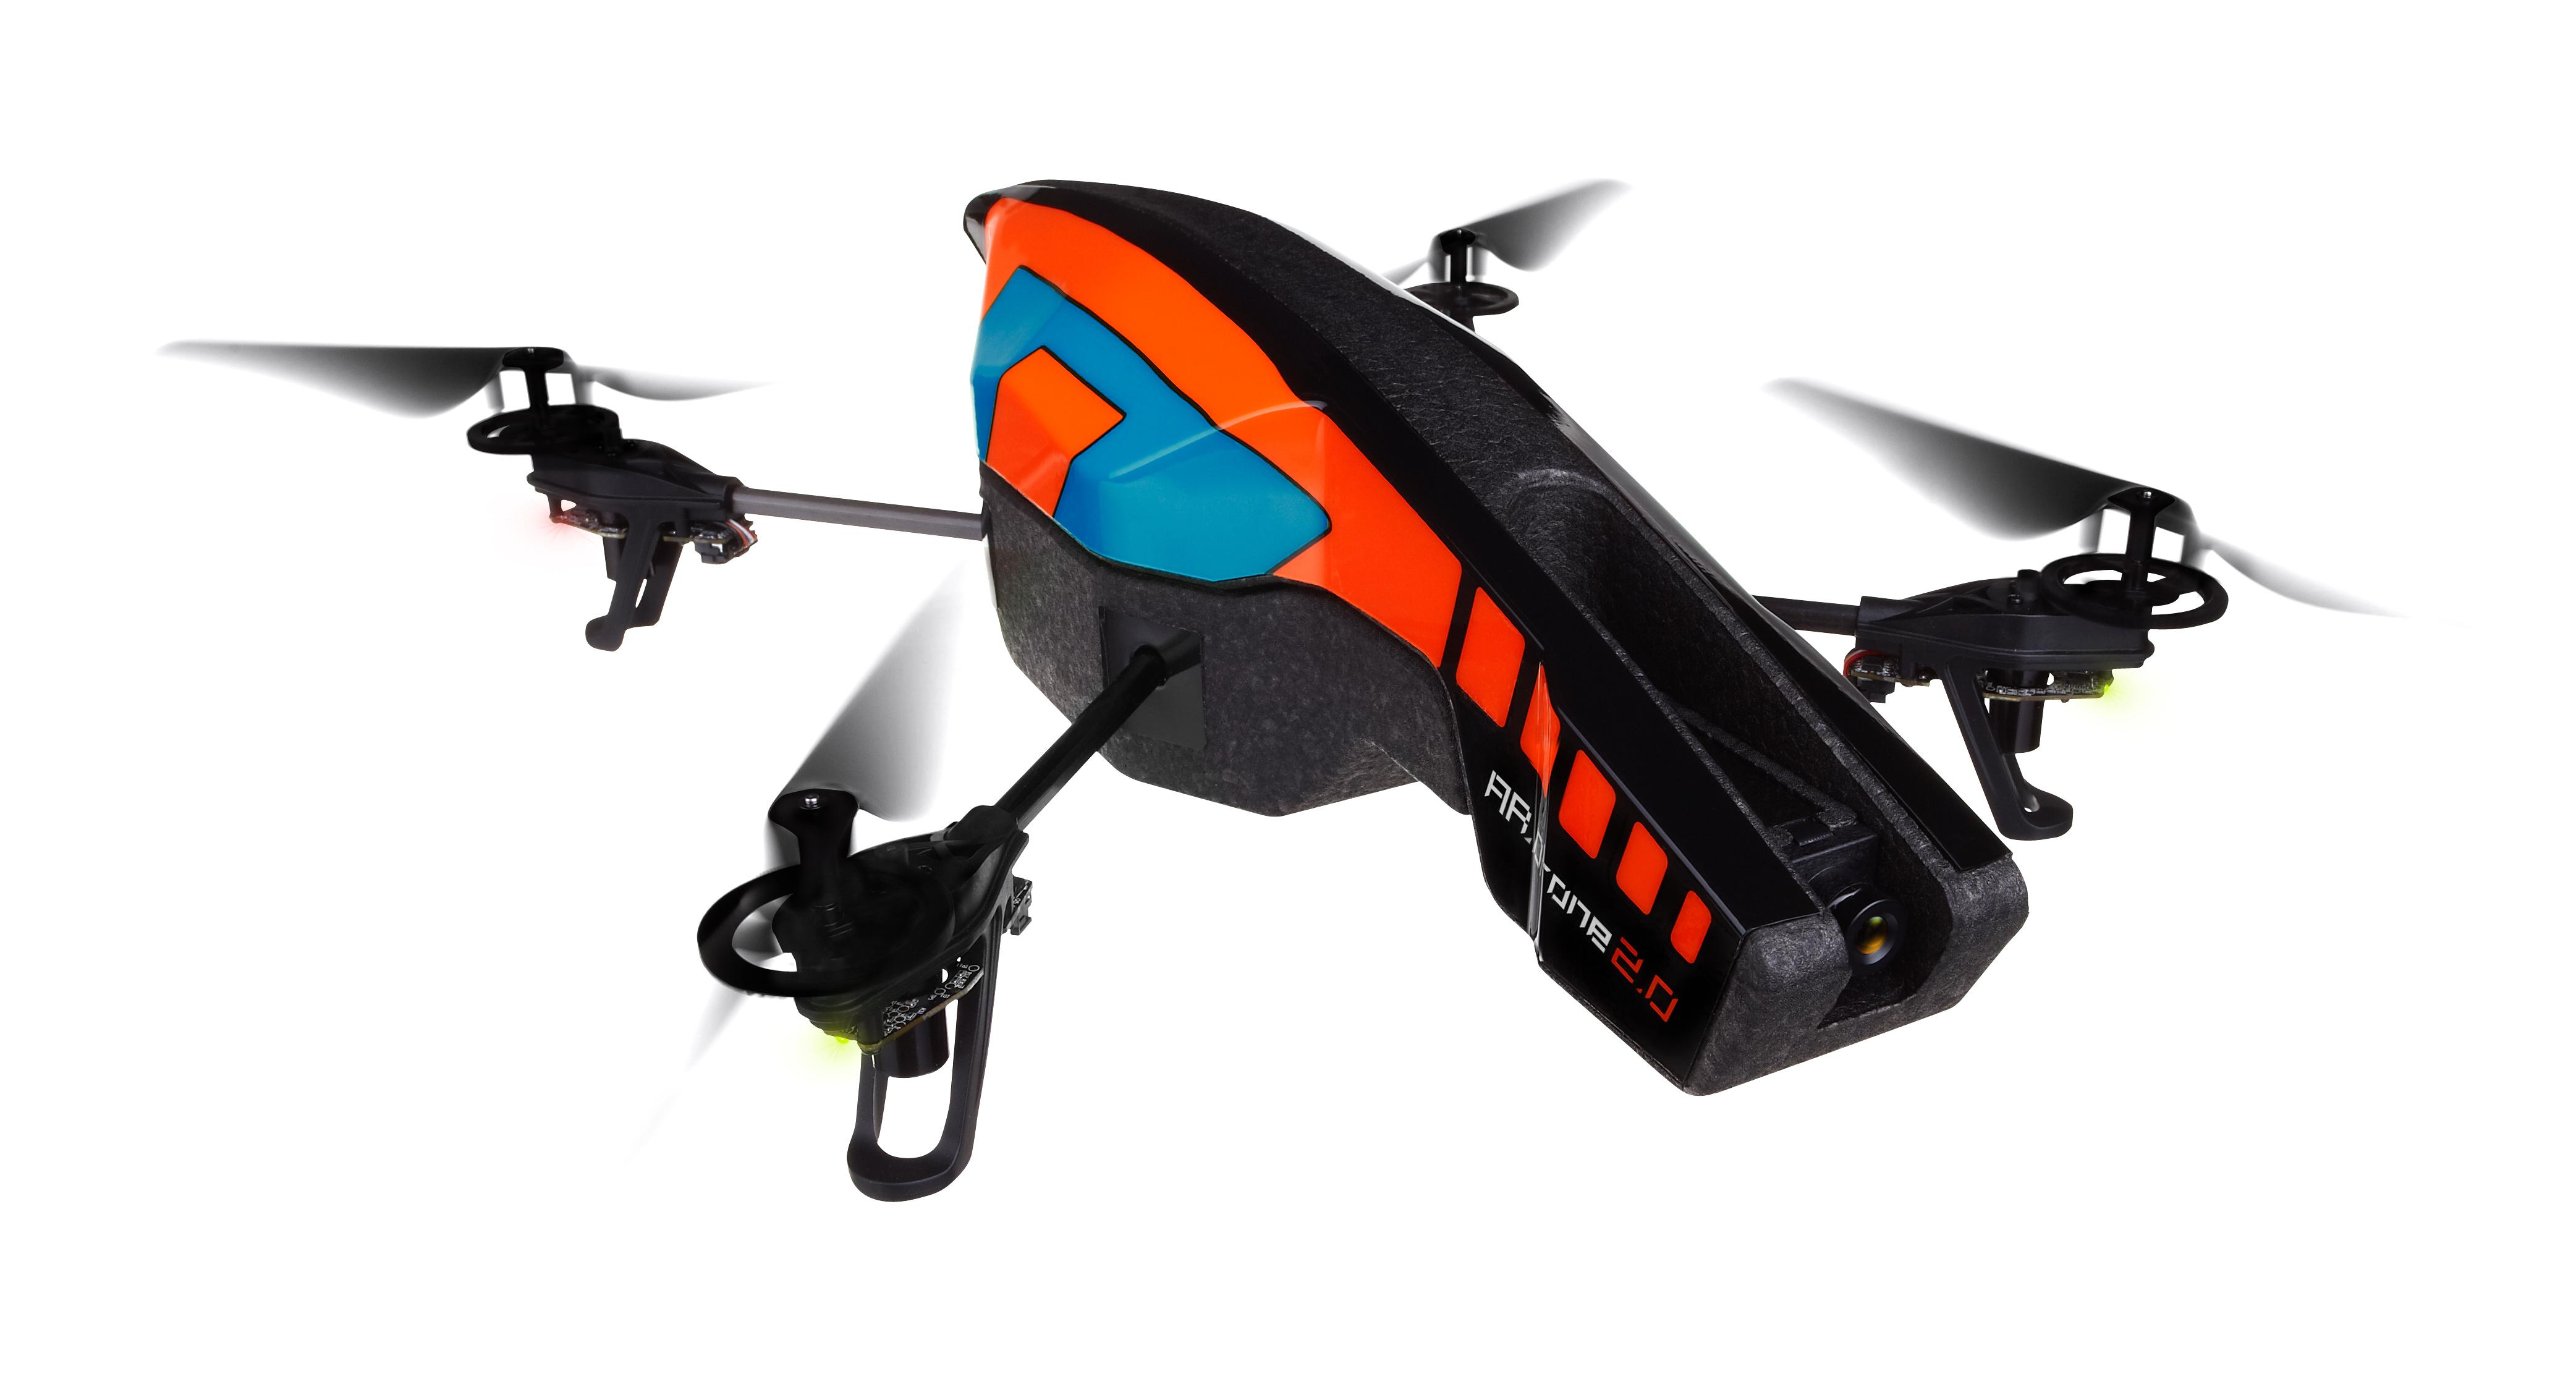 Drone economico o professionale? Troviamo il giusto compromesso